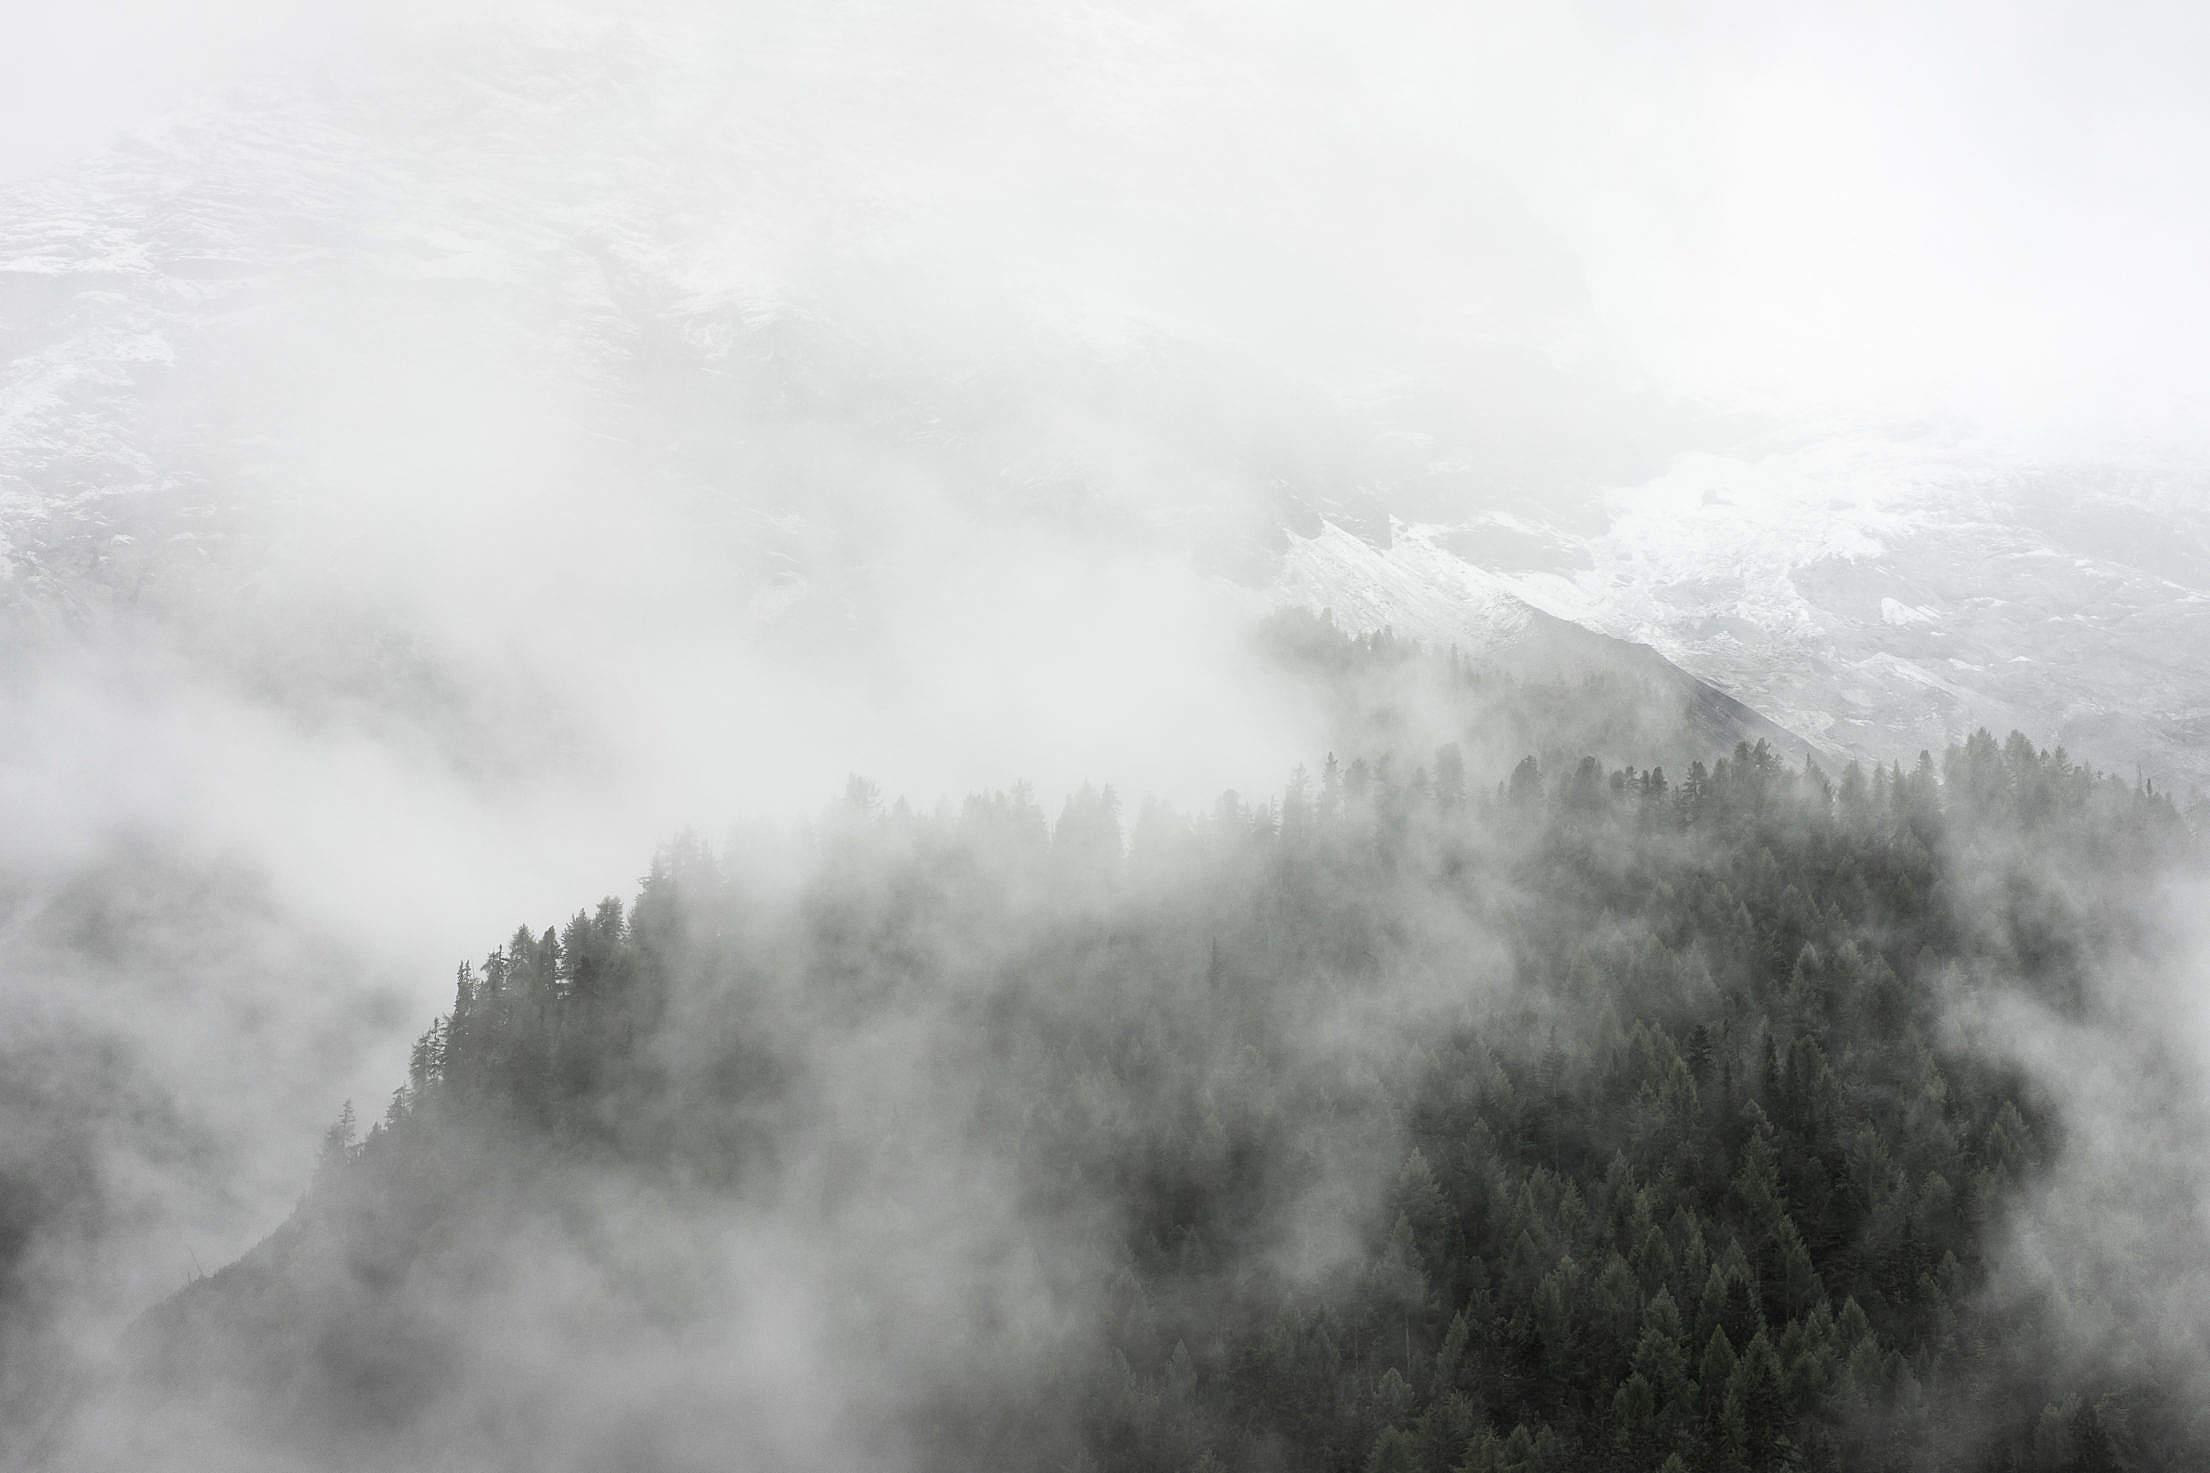 Forest under Dark Fog Free Stock Photo